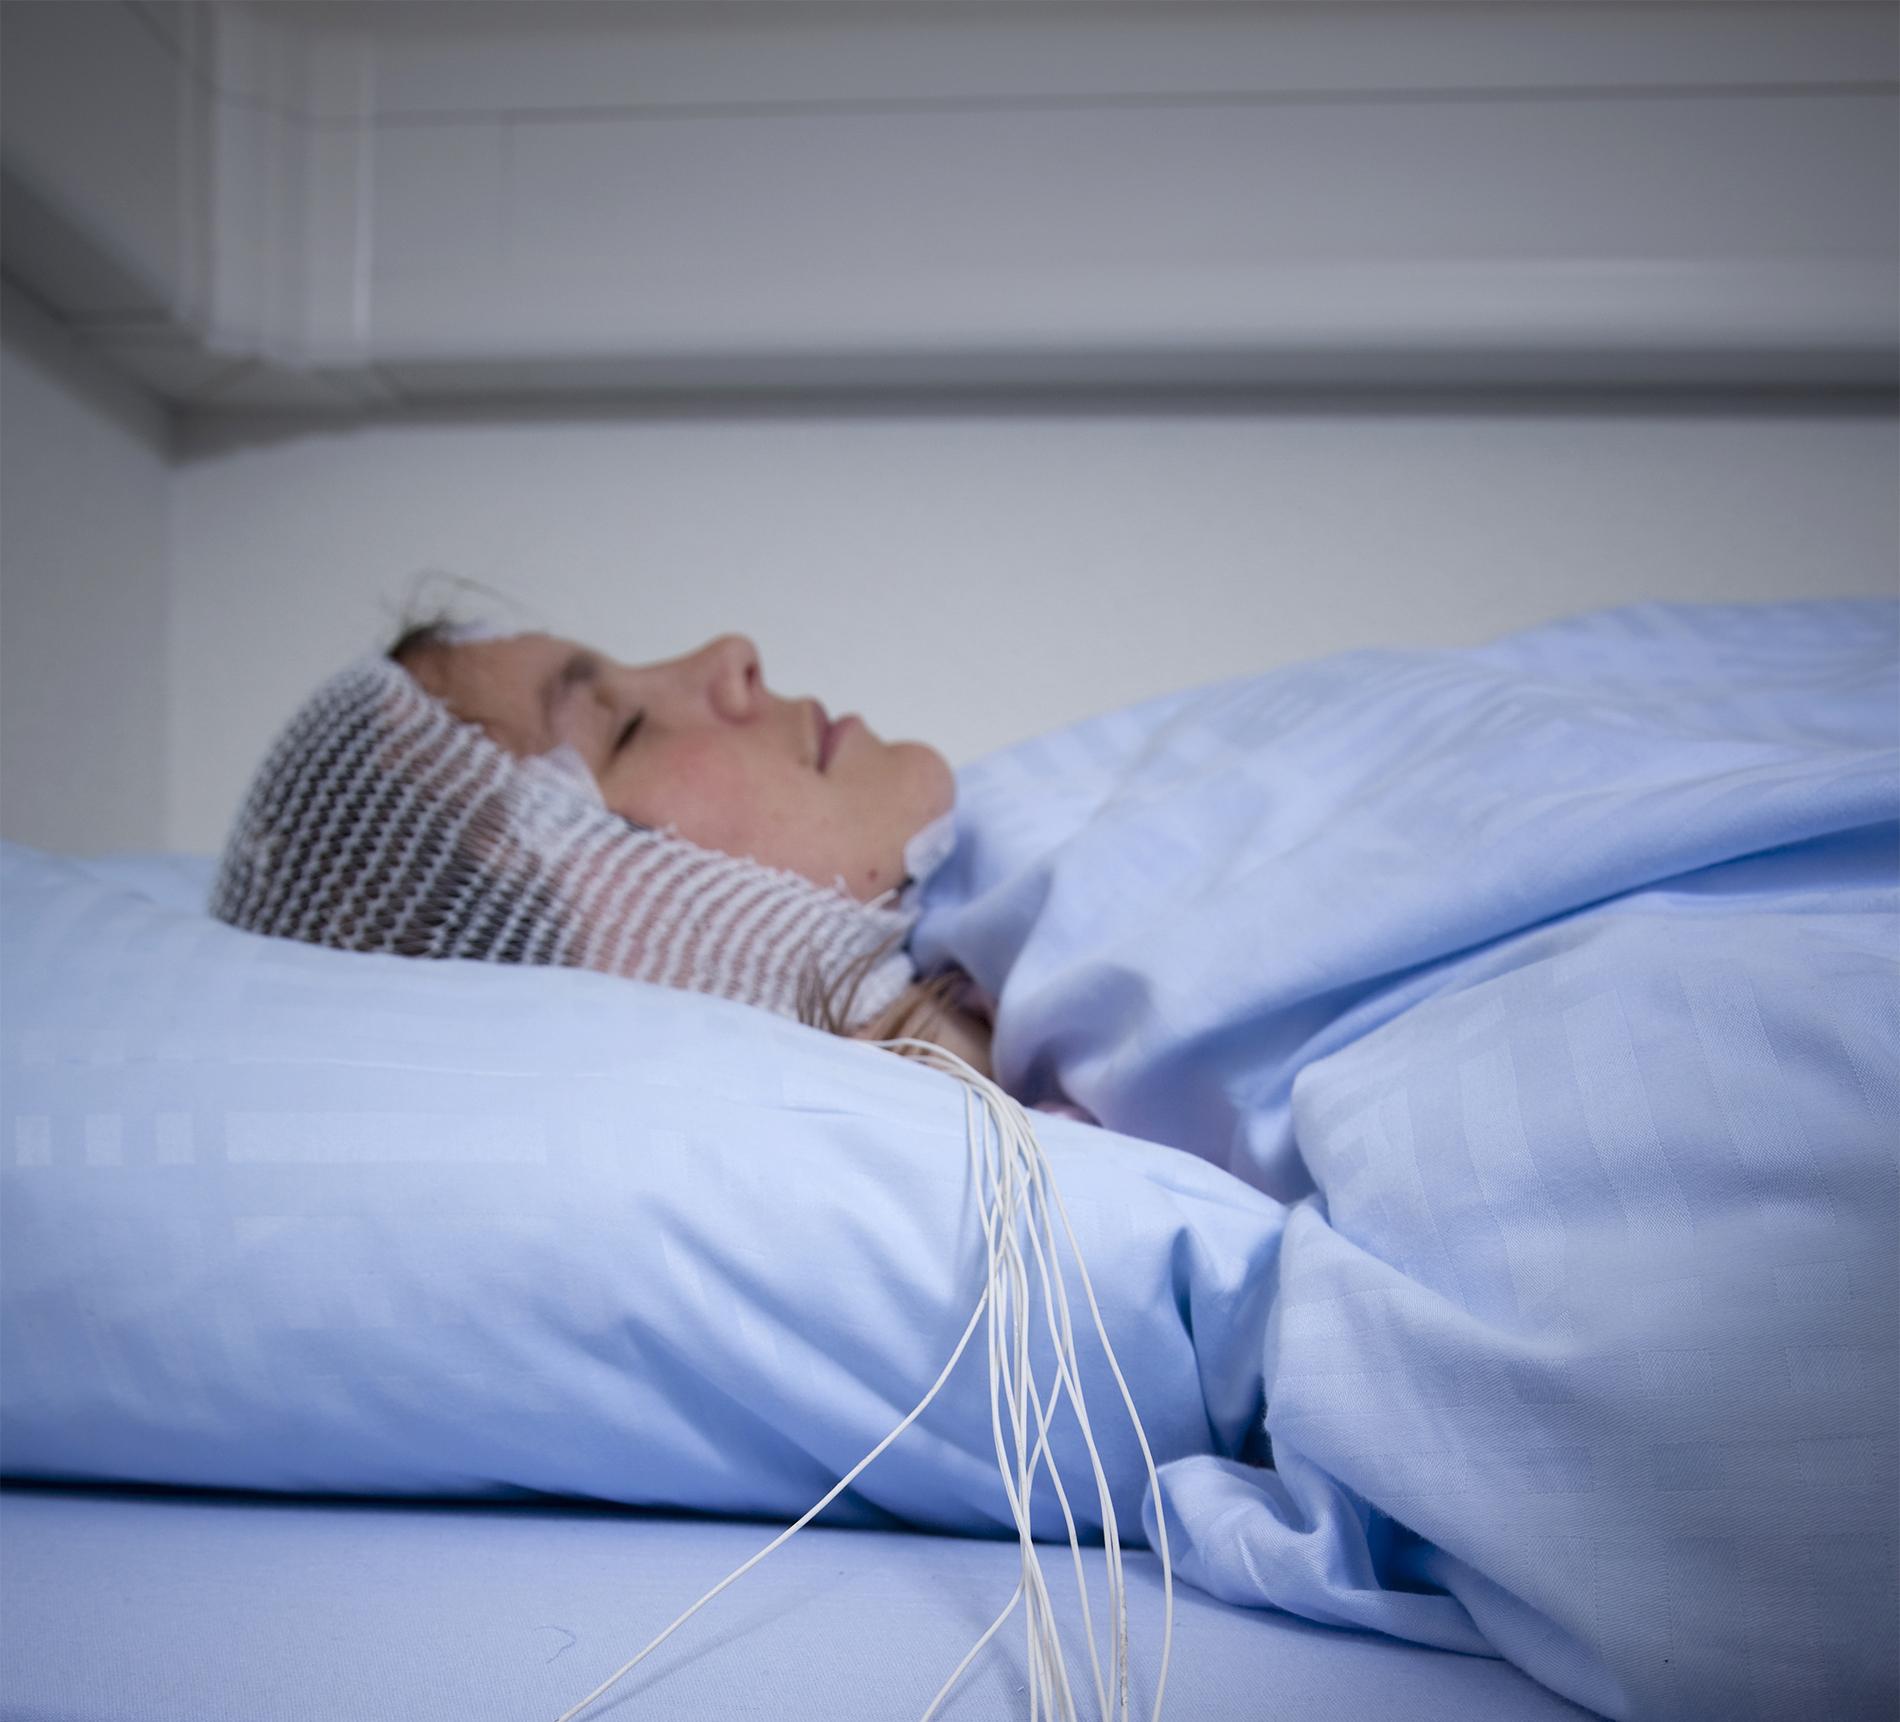 Paciente equipado con el electroencefalograma de alta densidad (EEG), que mide la actividad cerebral durante el sueño con muchos electrodos colocados en el cráneo. © Dorothée Baumann. UNIGE.